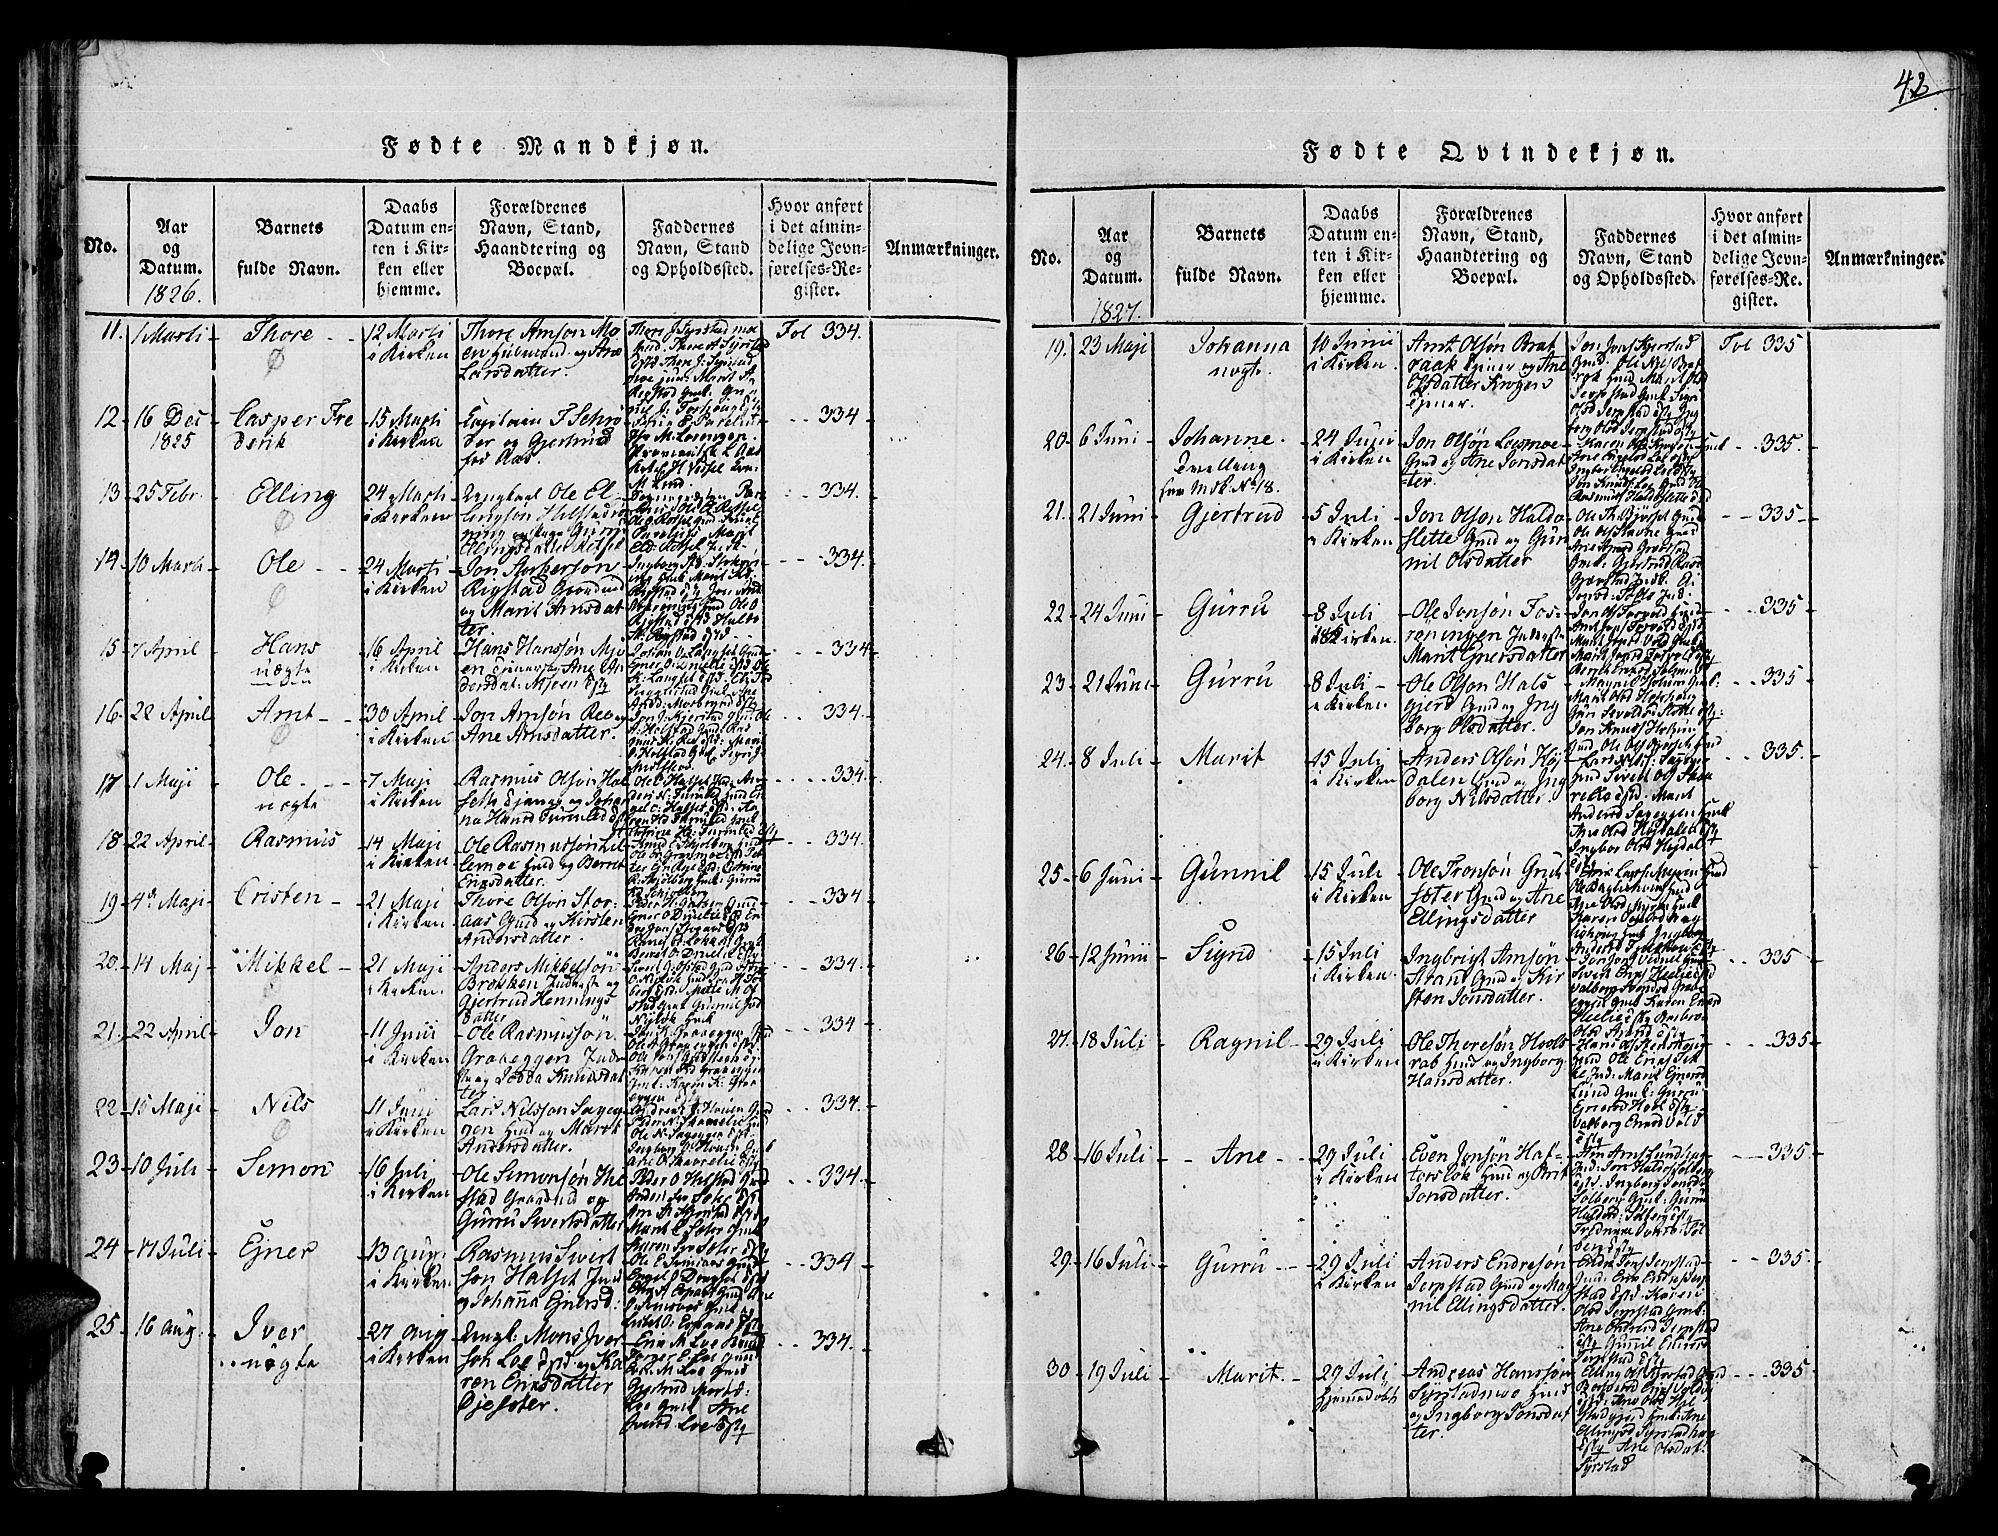 SAT, Ministerialprotokoller, klokkerbøker og fødselsregistre - Sør-Trøndelag, 672/L0853: Ministerialbok nr. 672A06 /1, 1816-1829, s. 42